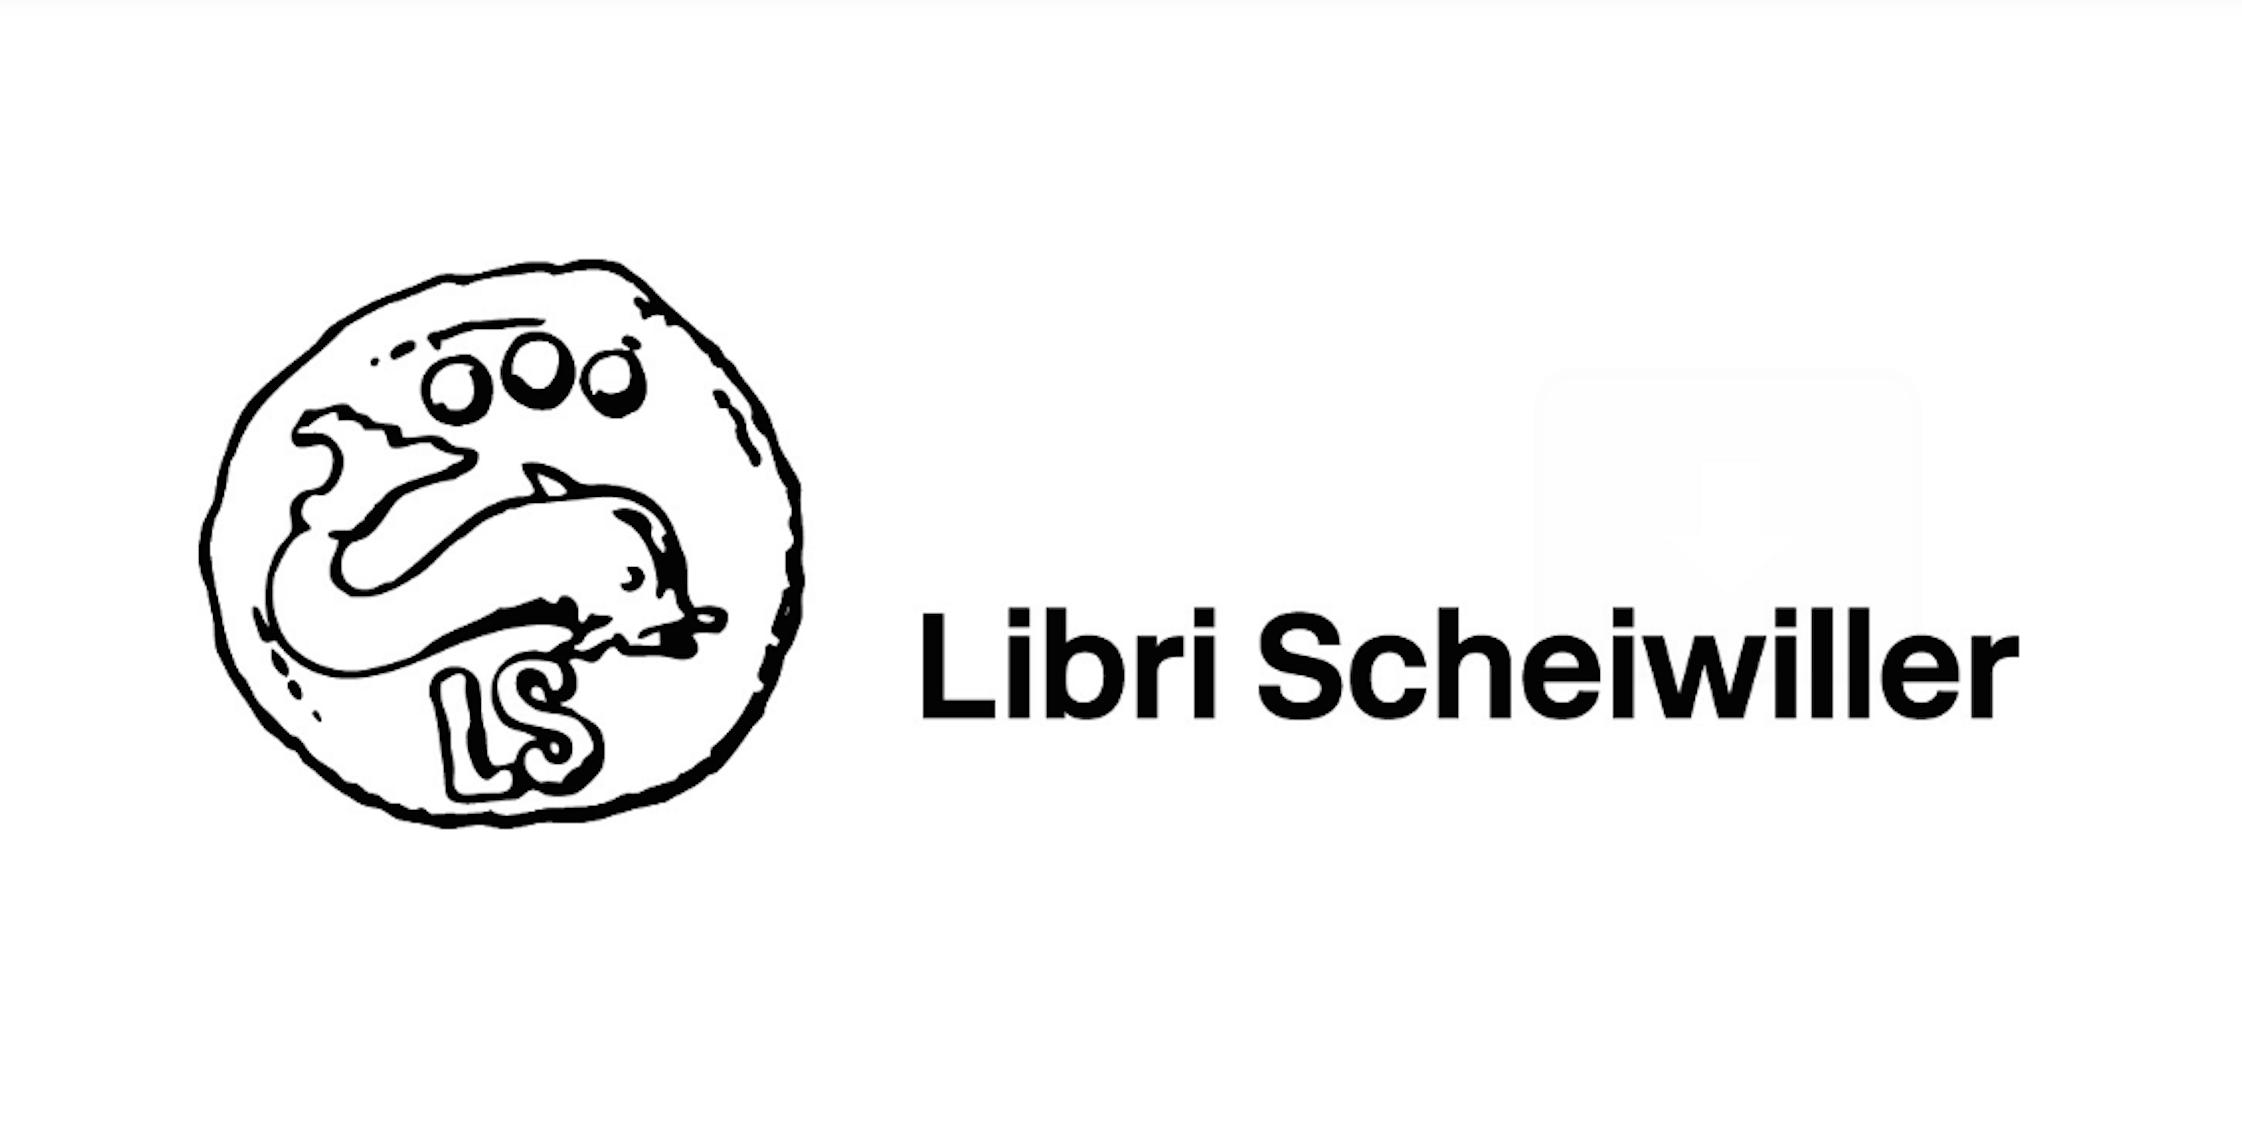 Giubilate, bibliofili. Torna in vita lo storico marchio Libri Scheiwiller